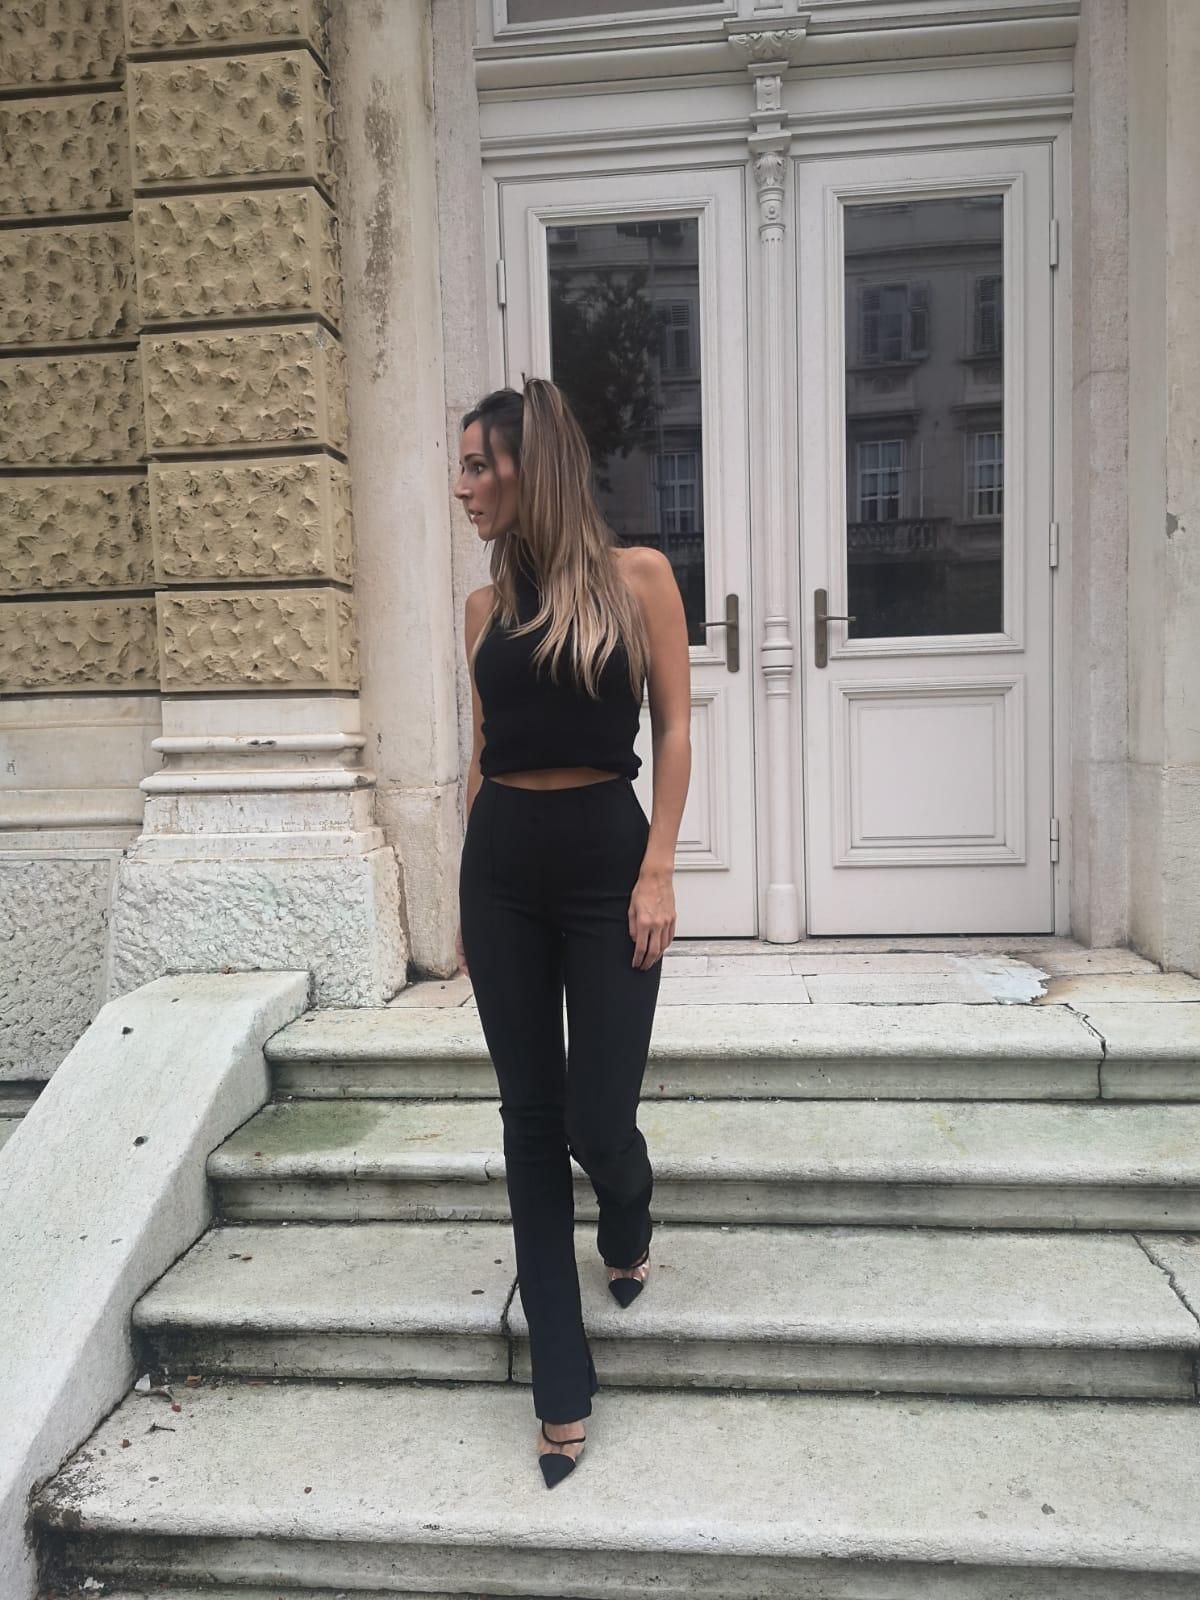 StajleRIca: Ivana Marković